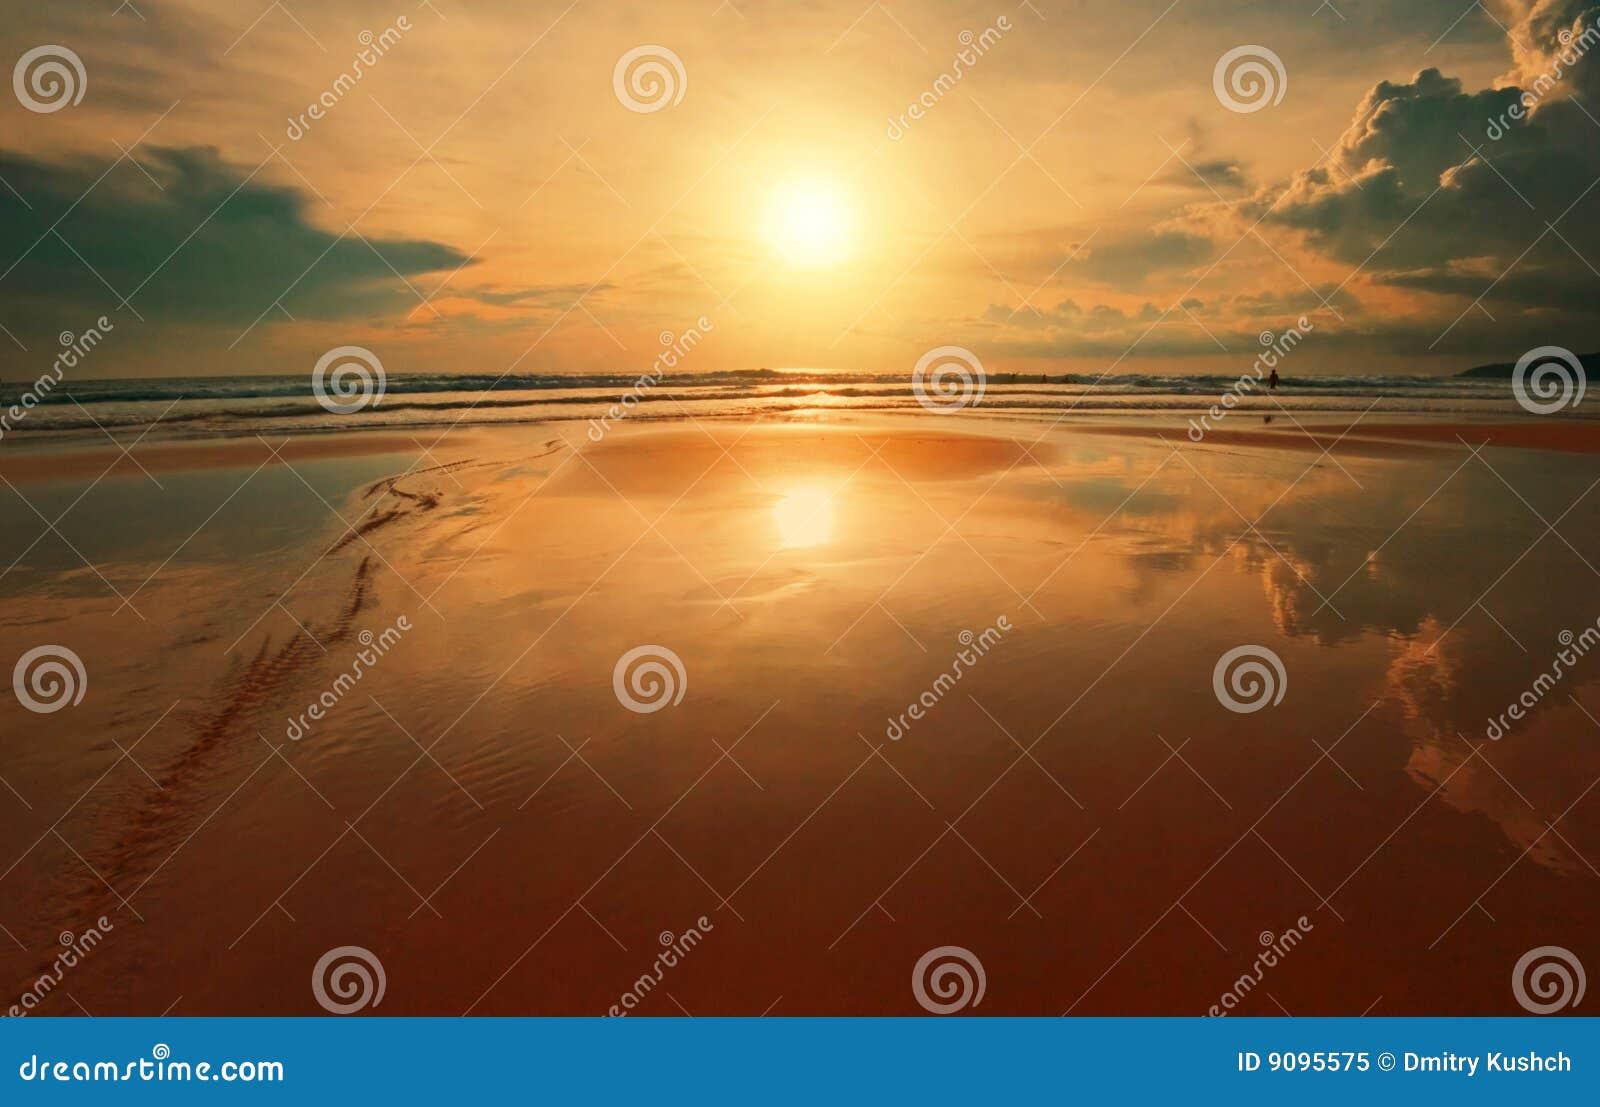 Träumerischer tropischer Sonnenuntergang